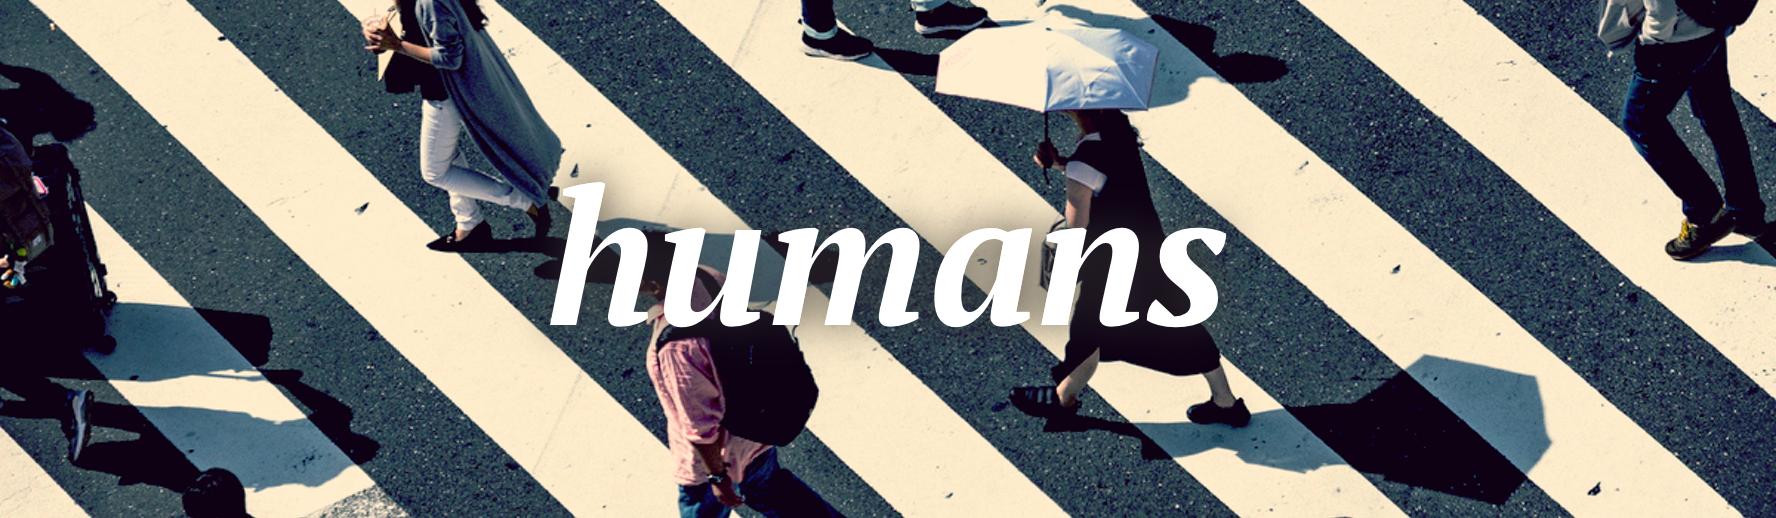 l5-humans